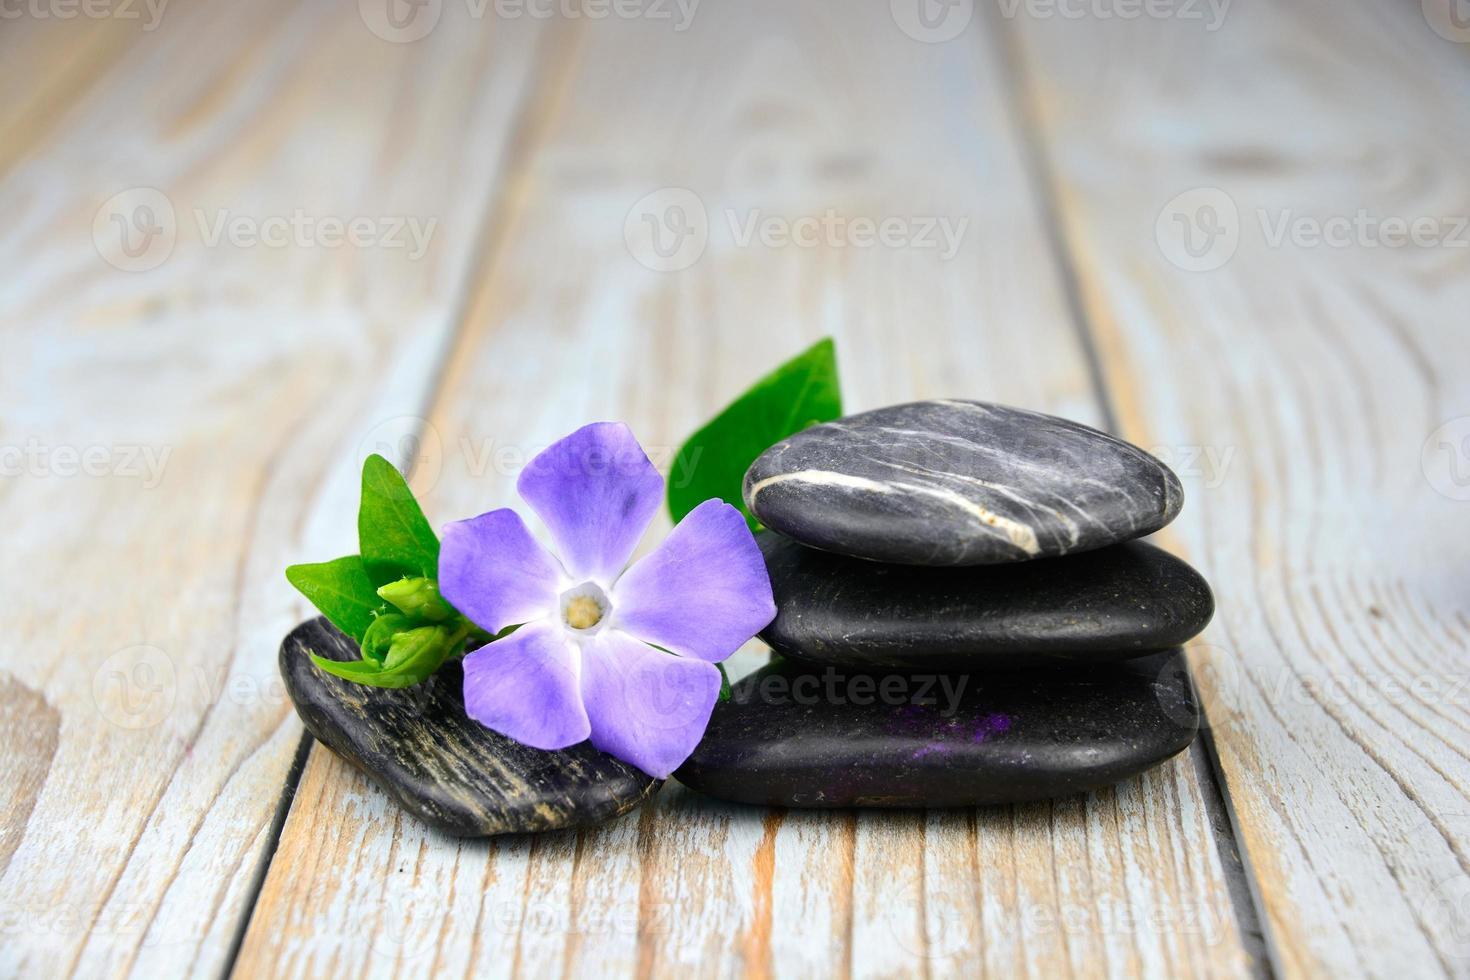 piedras zen negras con flor morada en madera vieja anudada foto